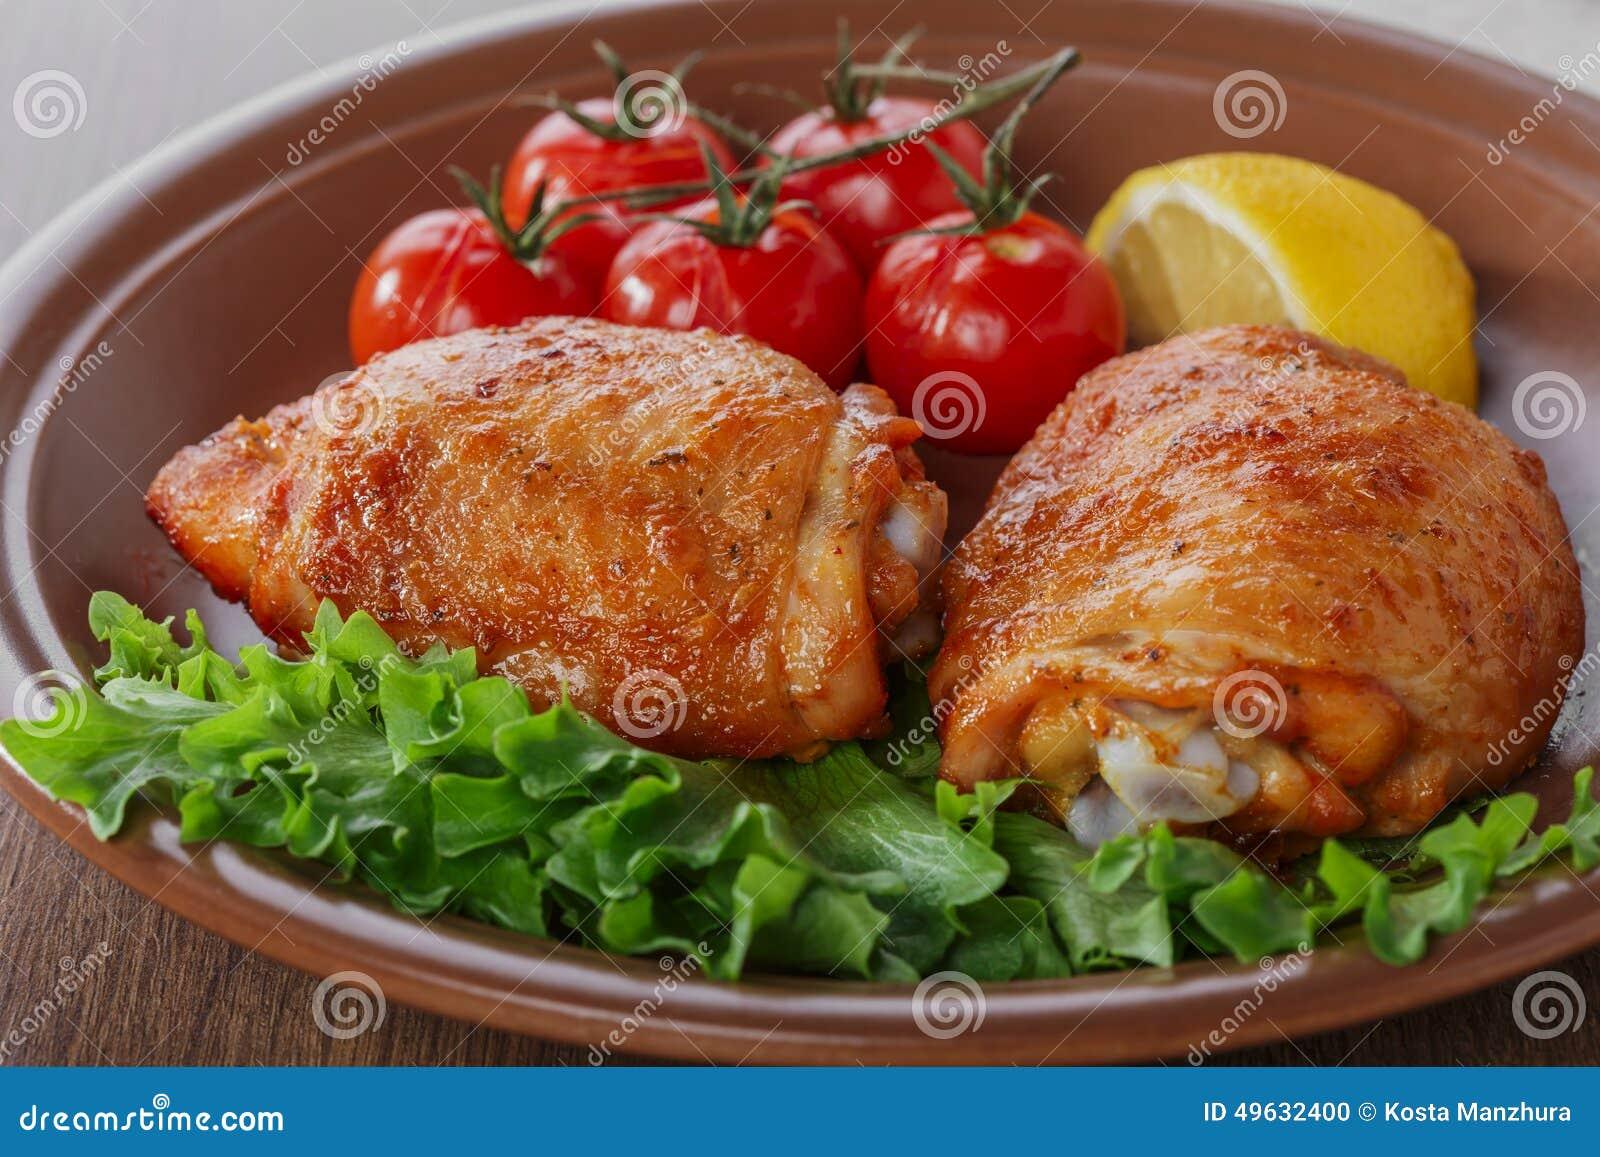 Cuisse cuite au four de poulet photo stock image du patte baked 49632400 - Cuisse de poulet grille au four ...